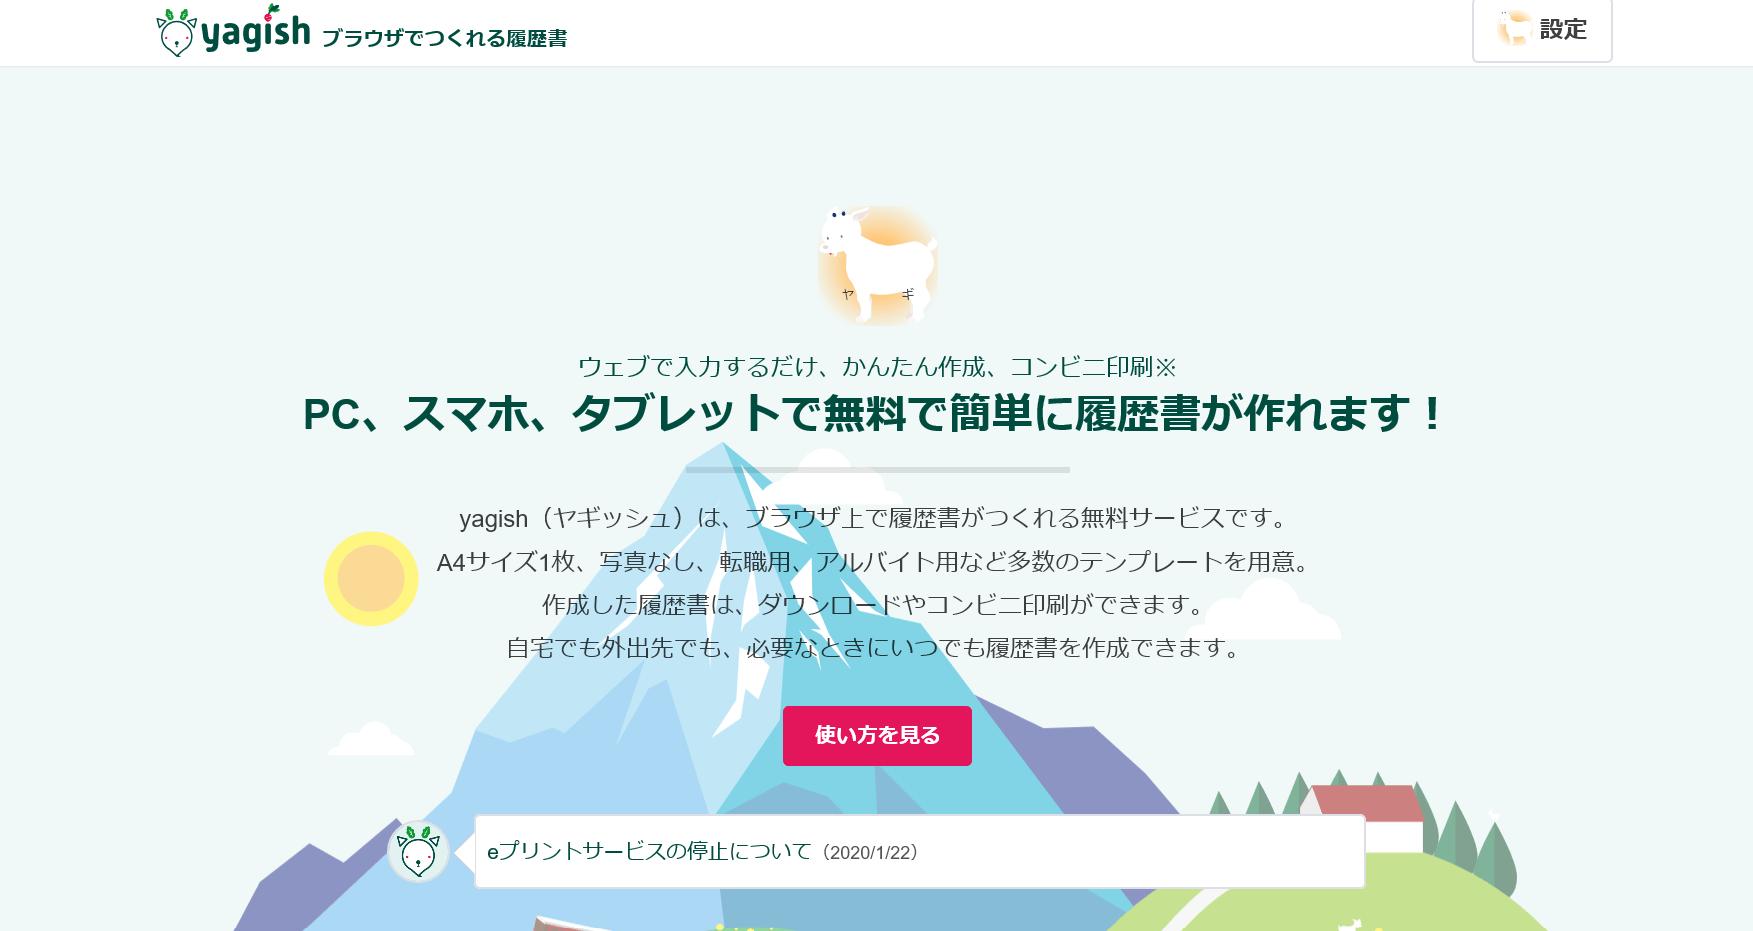 職務 書 ヤギッシュ 経歴